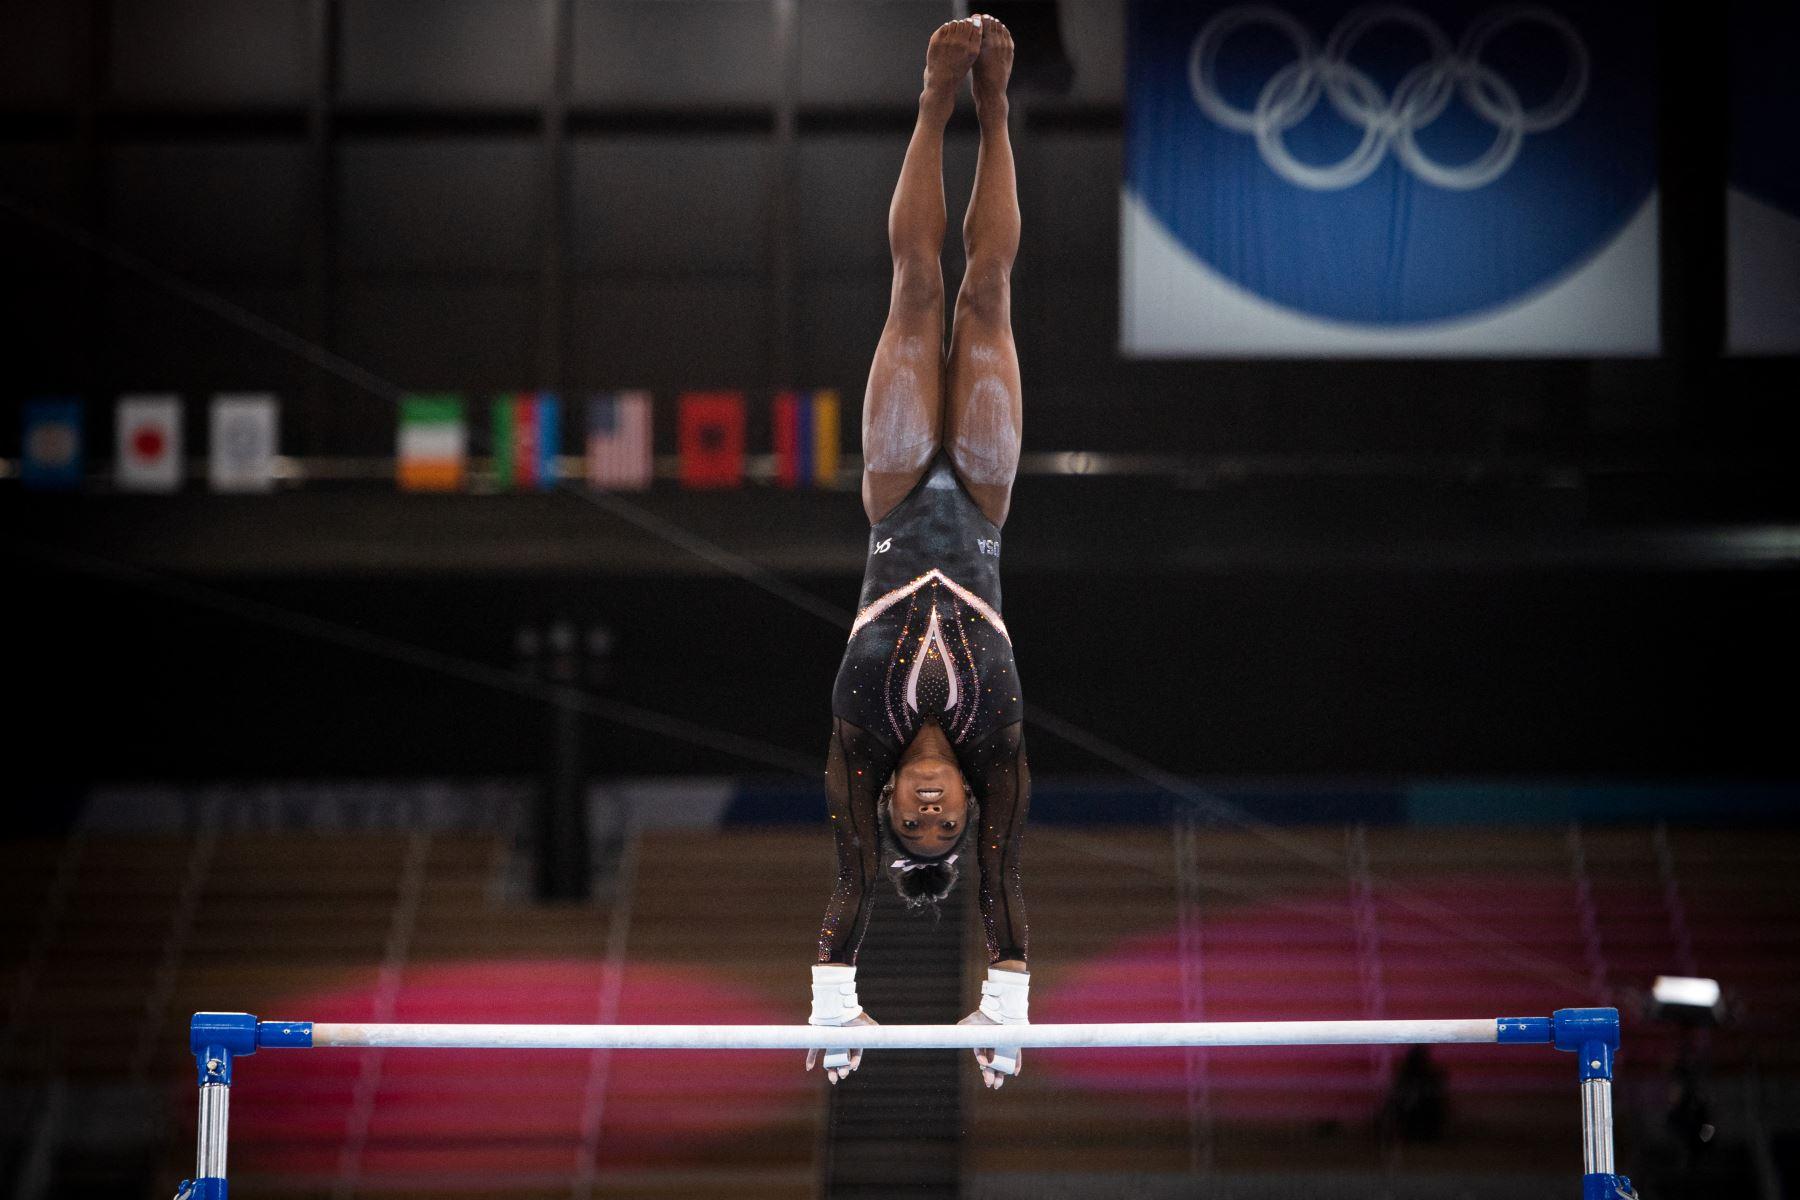 La gimnasta estadounidense Simone Biles practica la barra asimétrica durante una sesión de entrenamiento en el Centro de Gimnasia Ariake en Tokio el 22 de julio de 2021, en vísperas del inicio de los Juegos Olímpicos de Tokio 2020. Foto: AFP